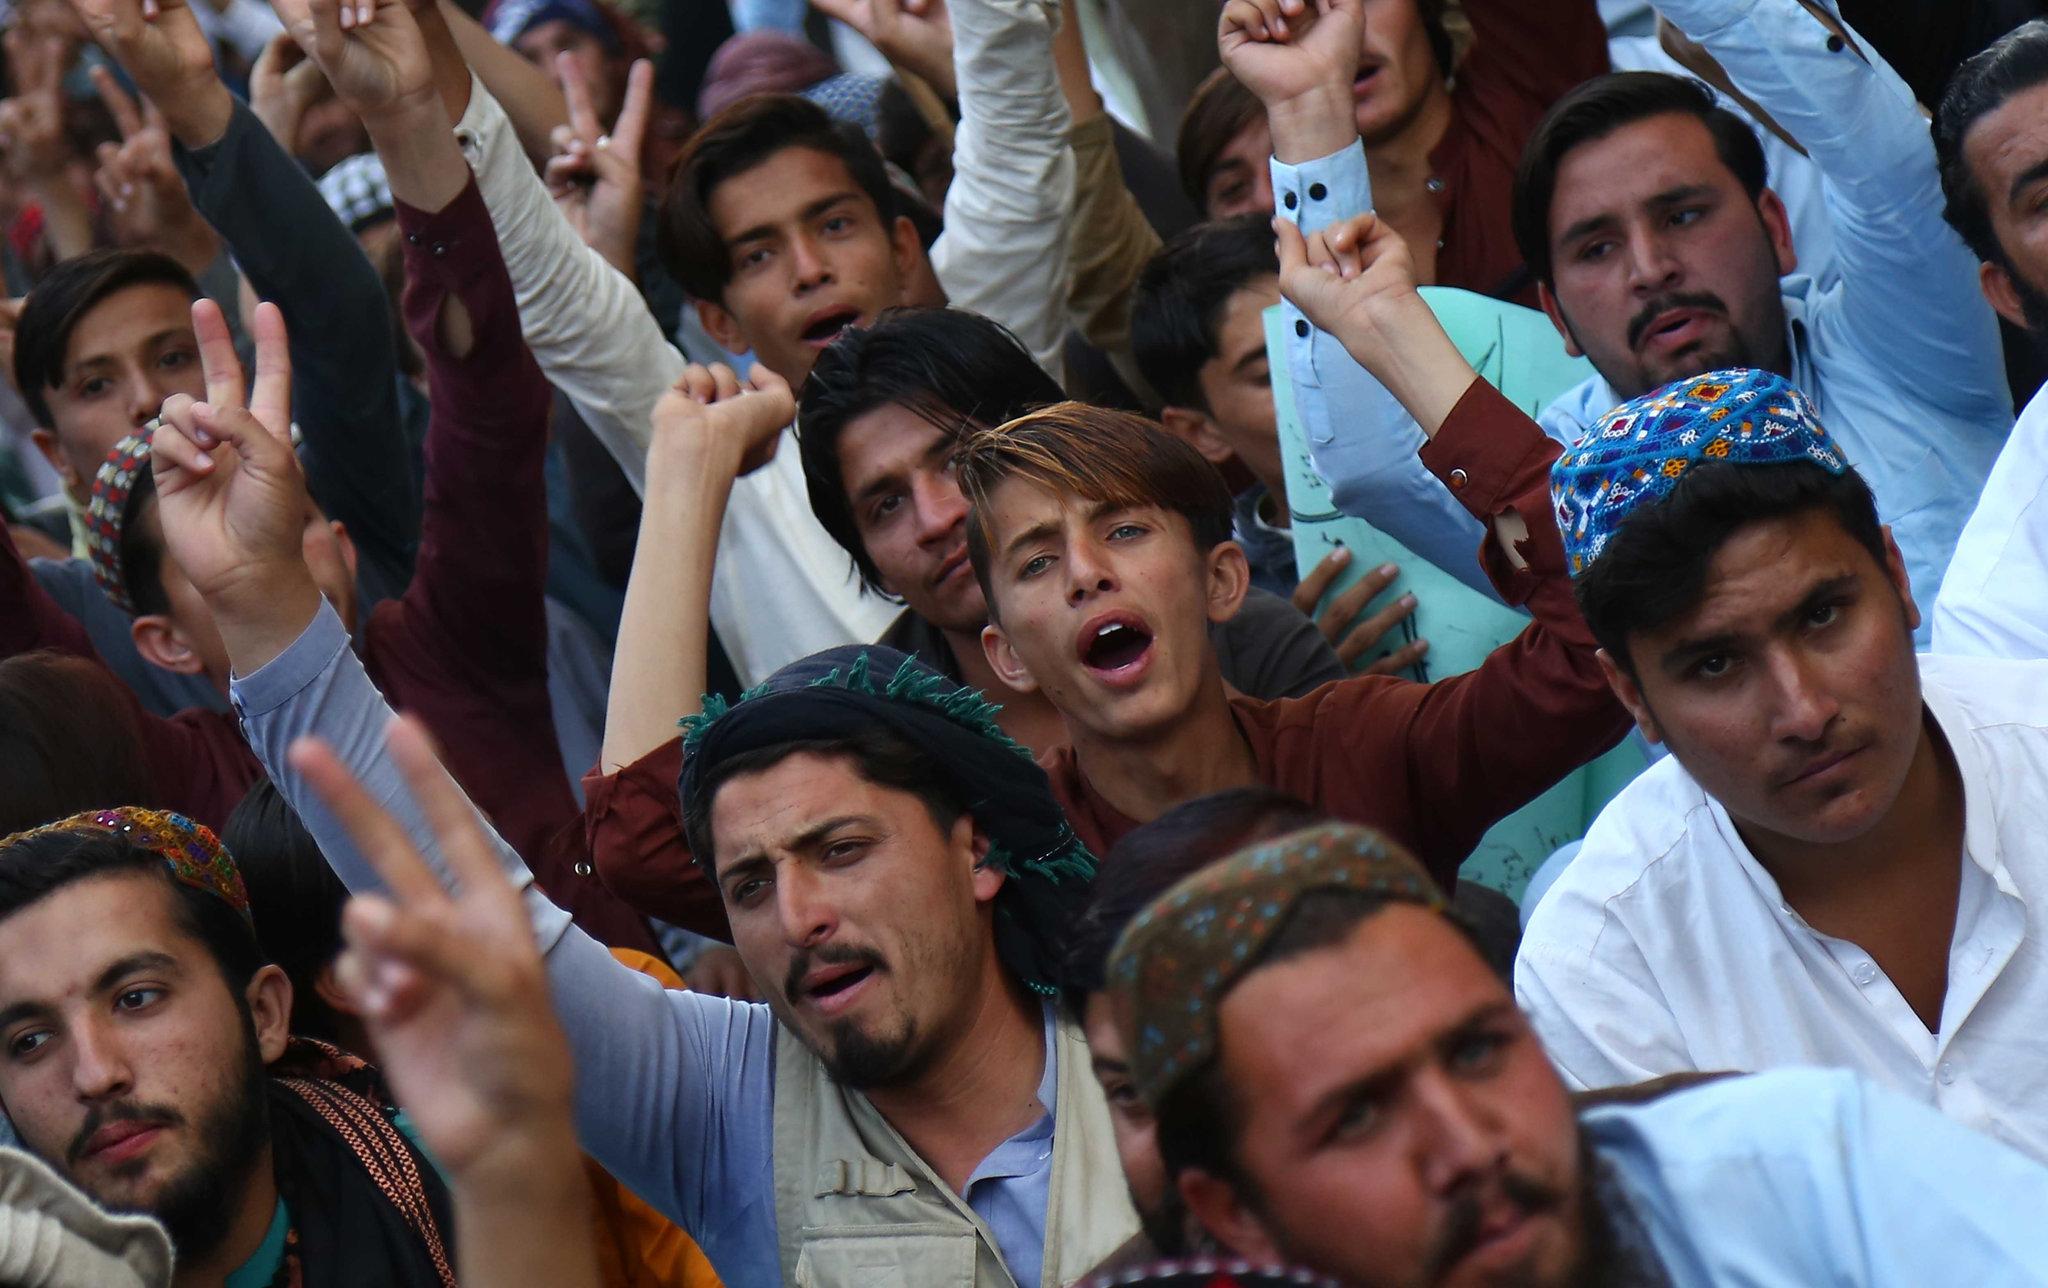 پشتونوں کو پاکستان کے خلاف اکسانے والوں کو کب سزا ملے گی ؟؟؟